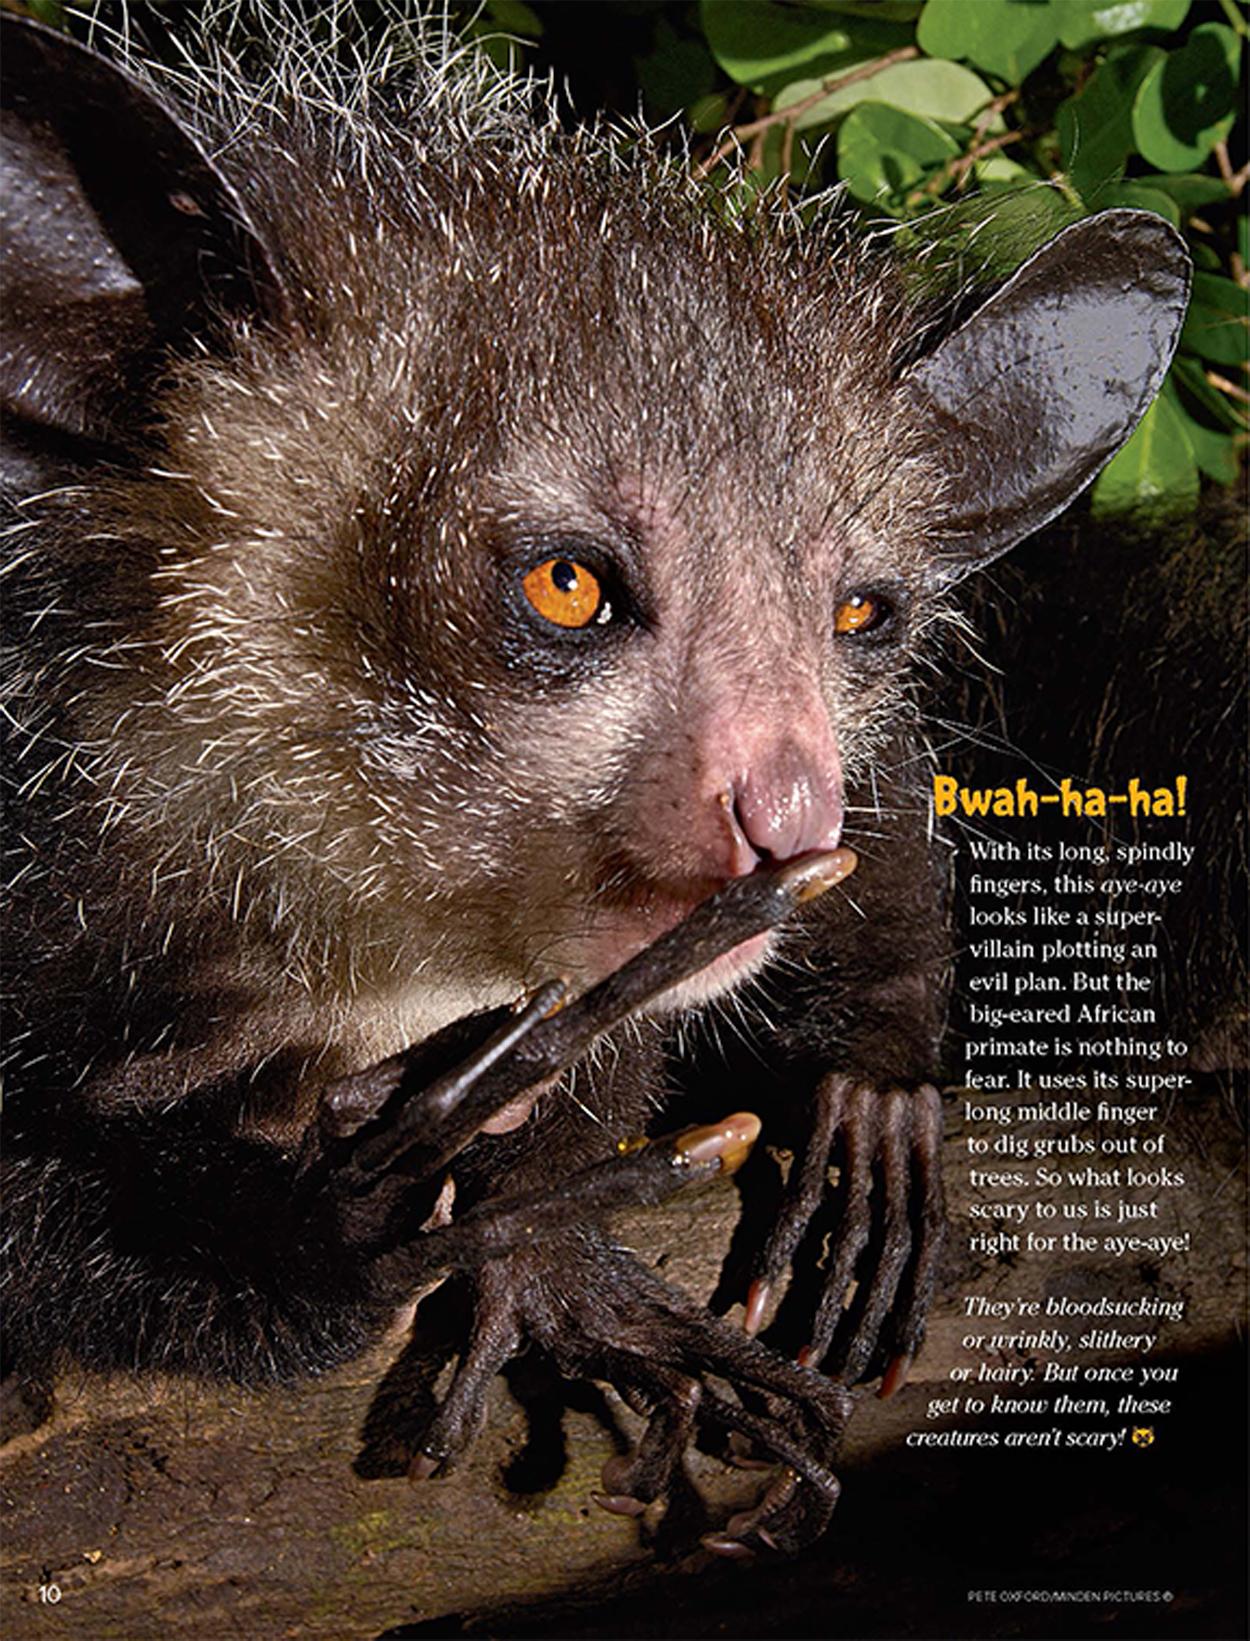 animals scary rick ranger aye ha bwah its